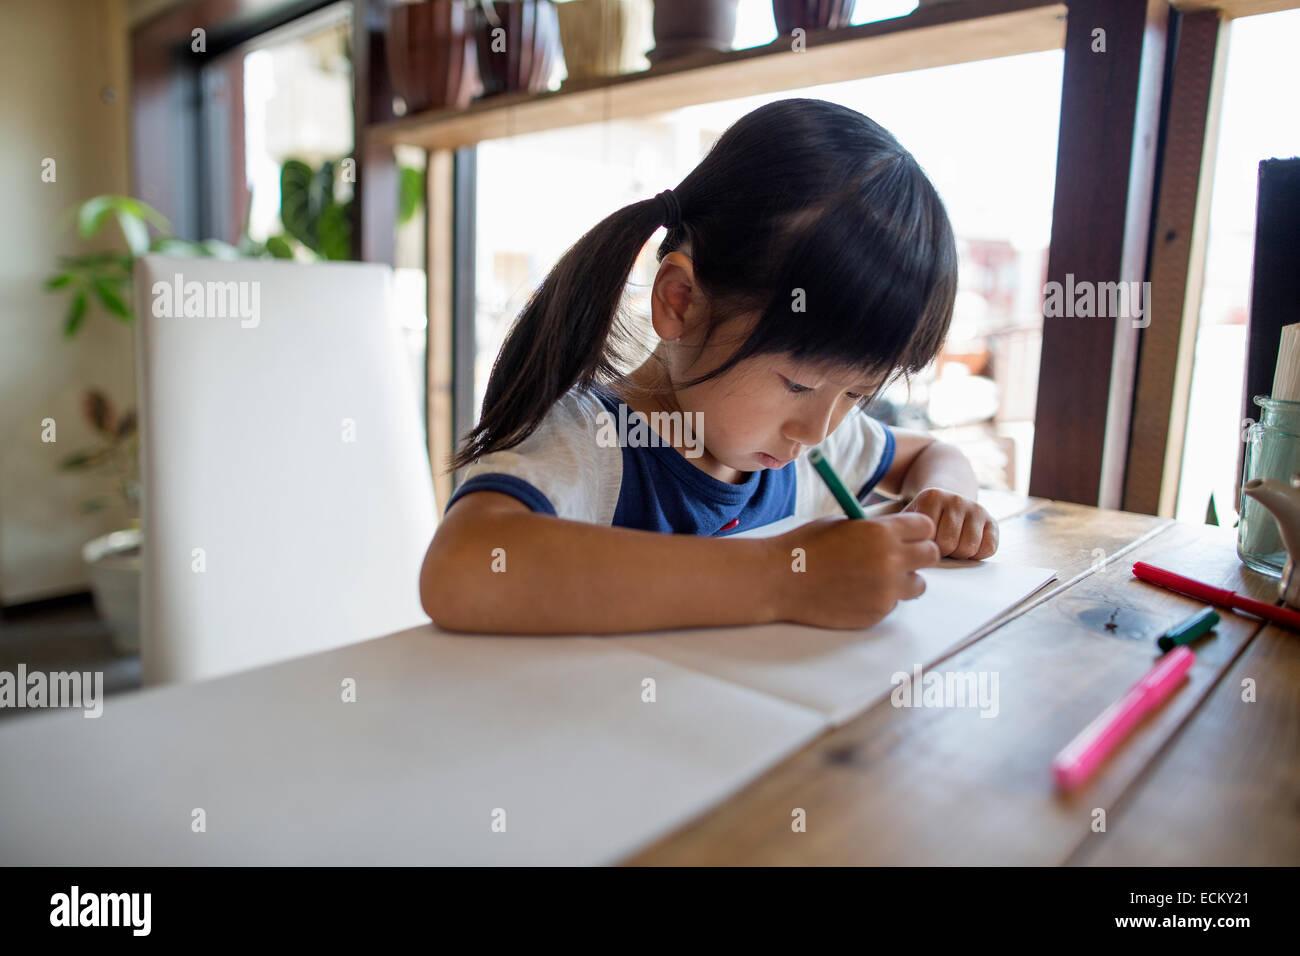 Mädchen mit Zöpfen sitzt an einem Tisch mit Filzstift Stifte Zeichnung. Stockbild